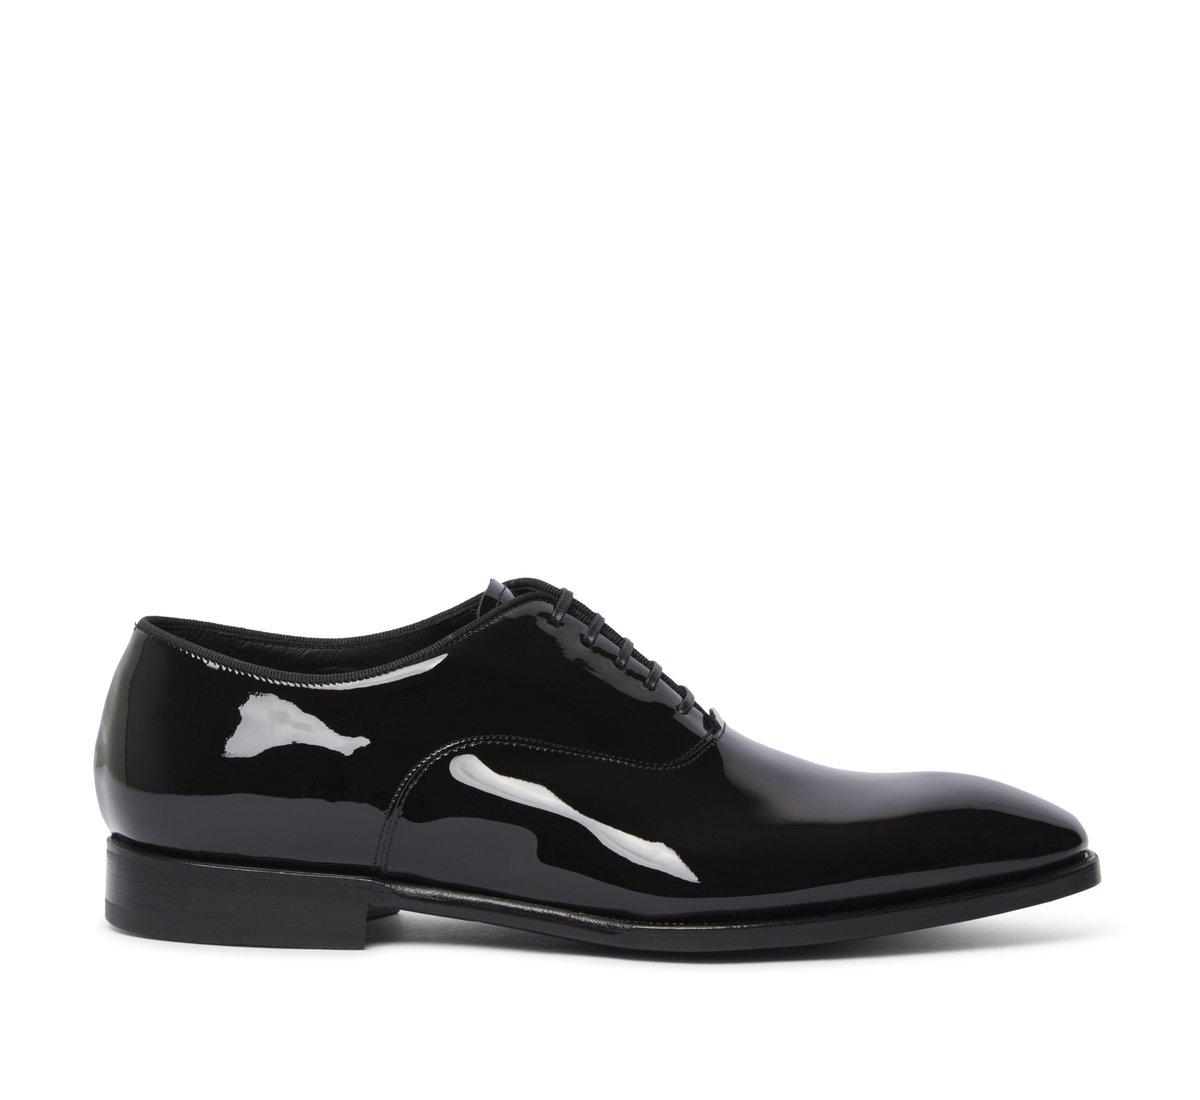 Мужские туфли Fabi Flex из высококачественной телячьей кожи